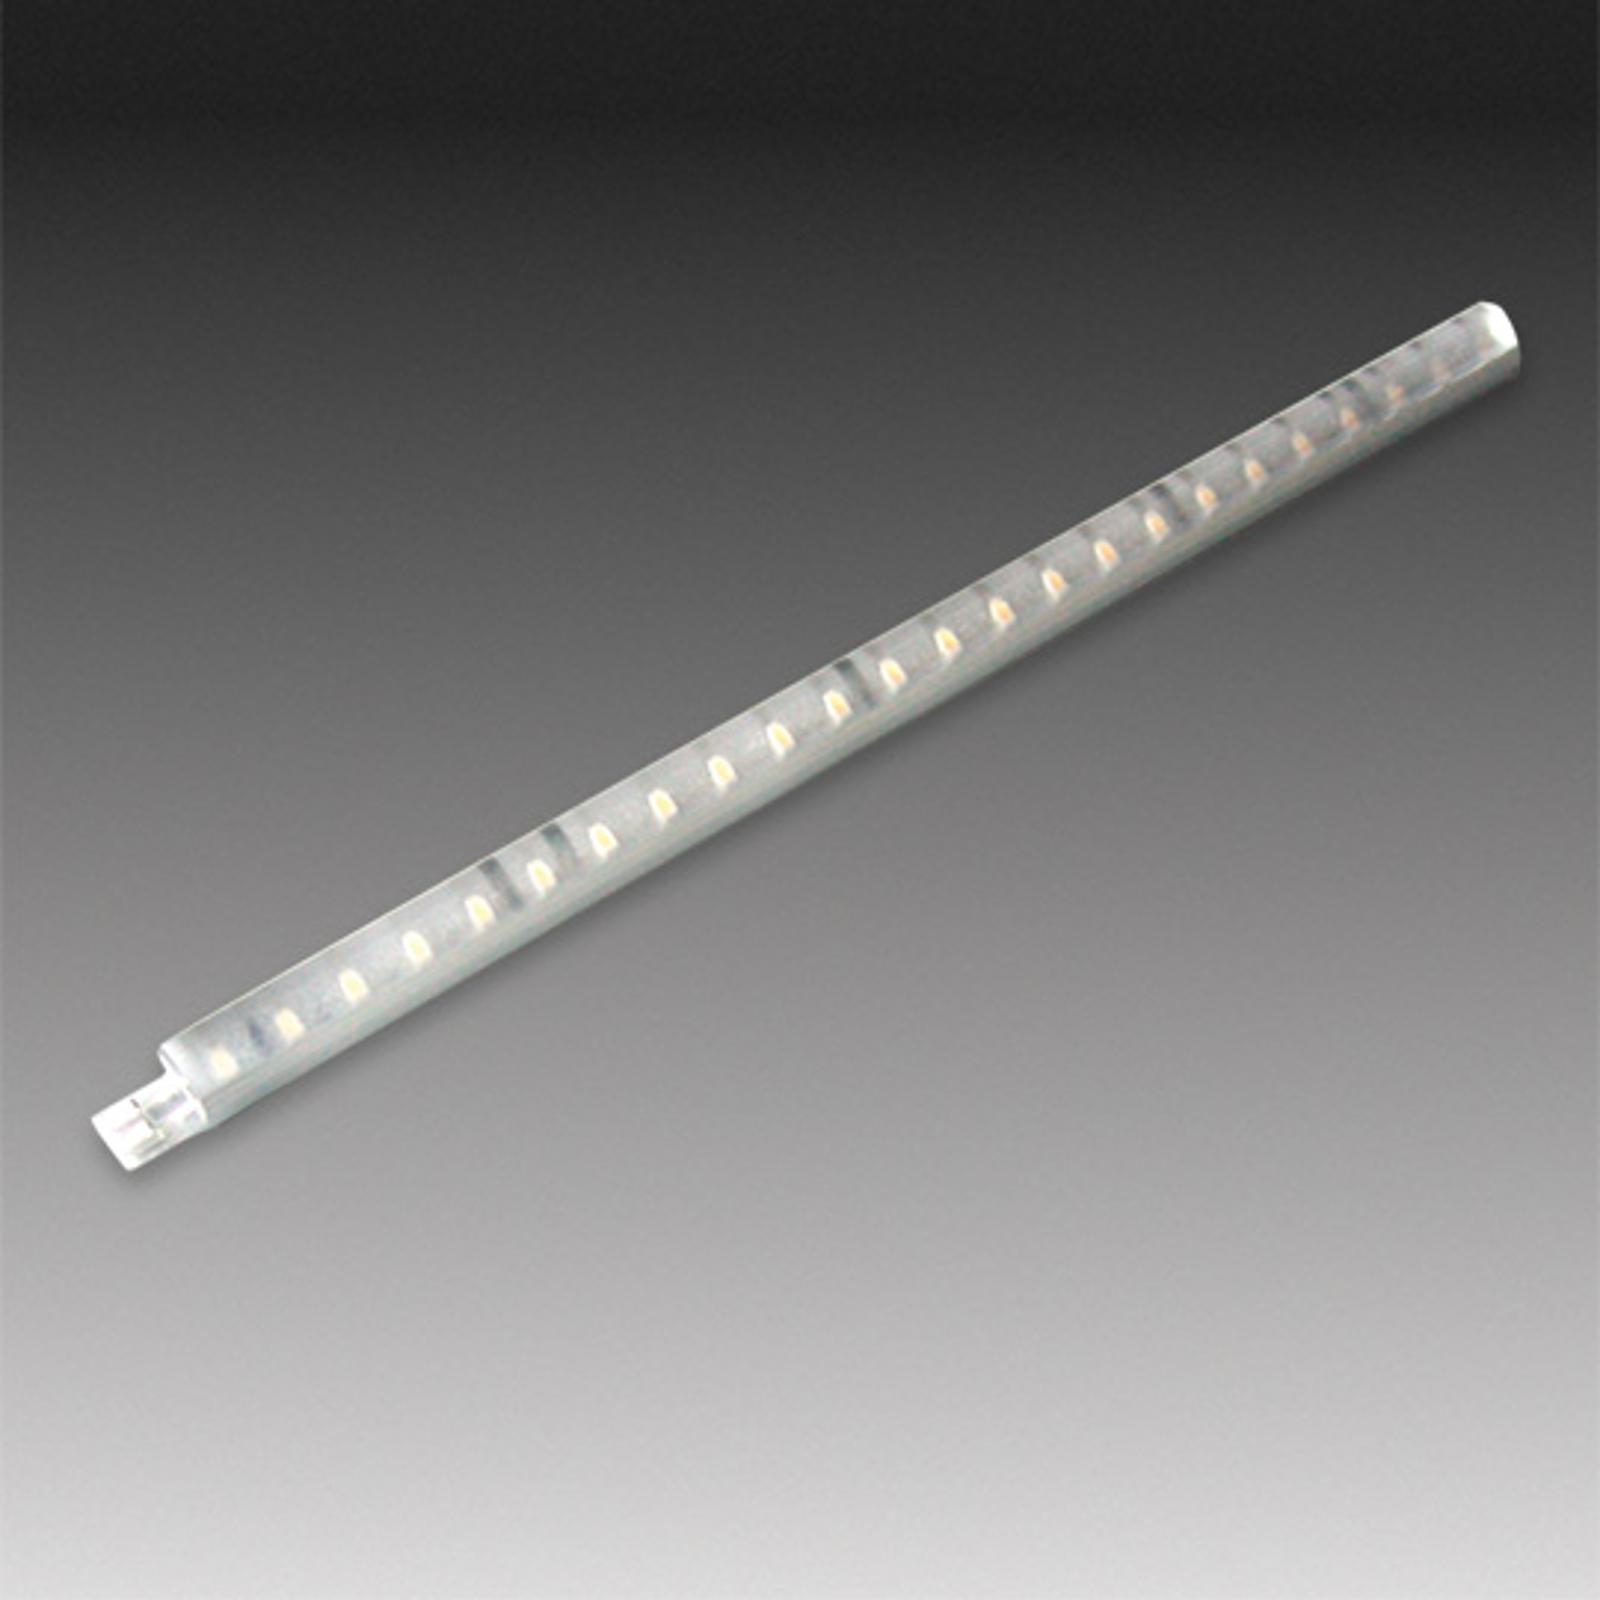 LED STICK 2 LED-stav for møbler universalhvit